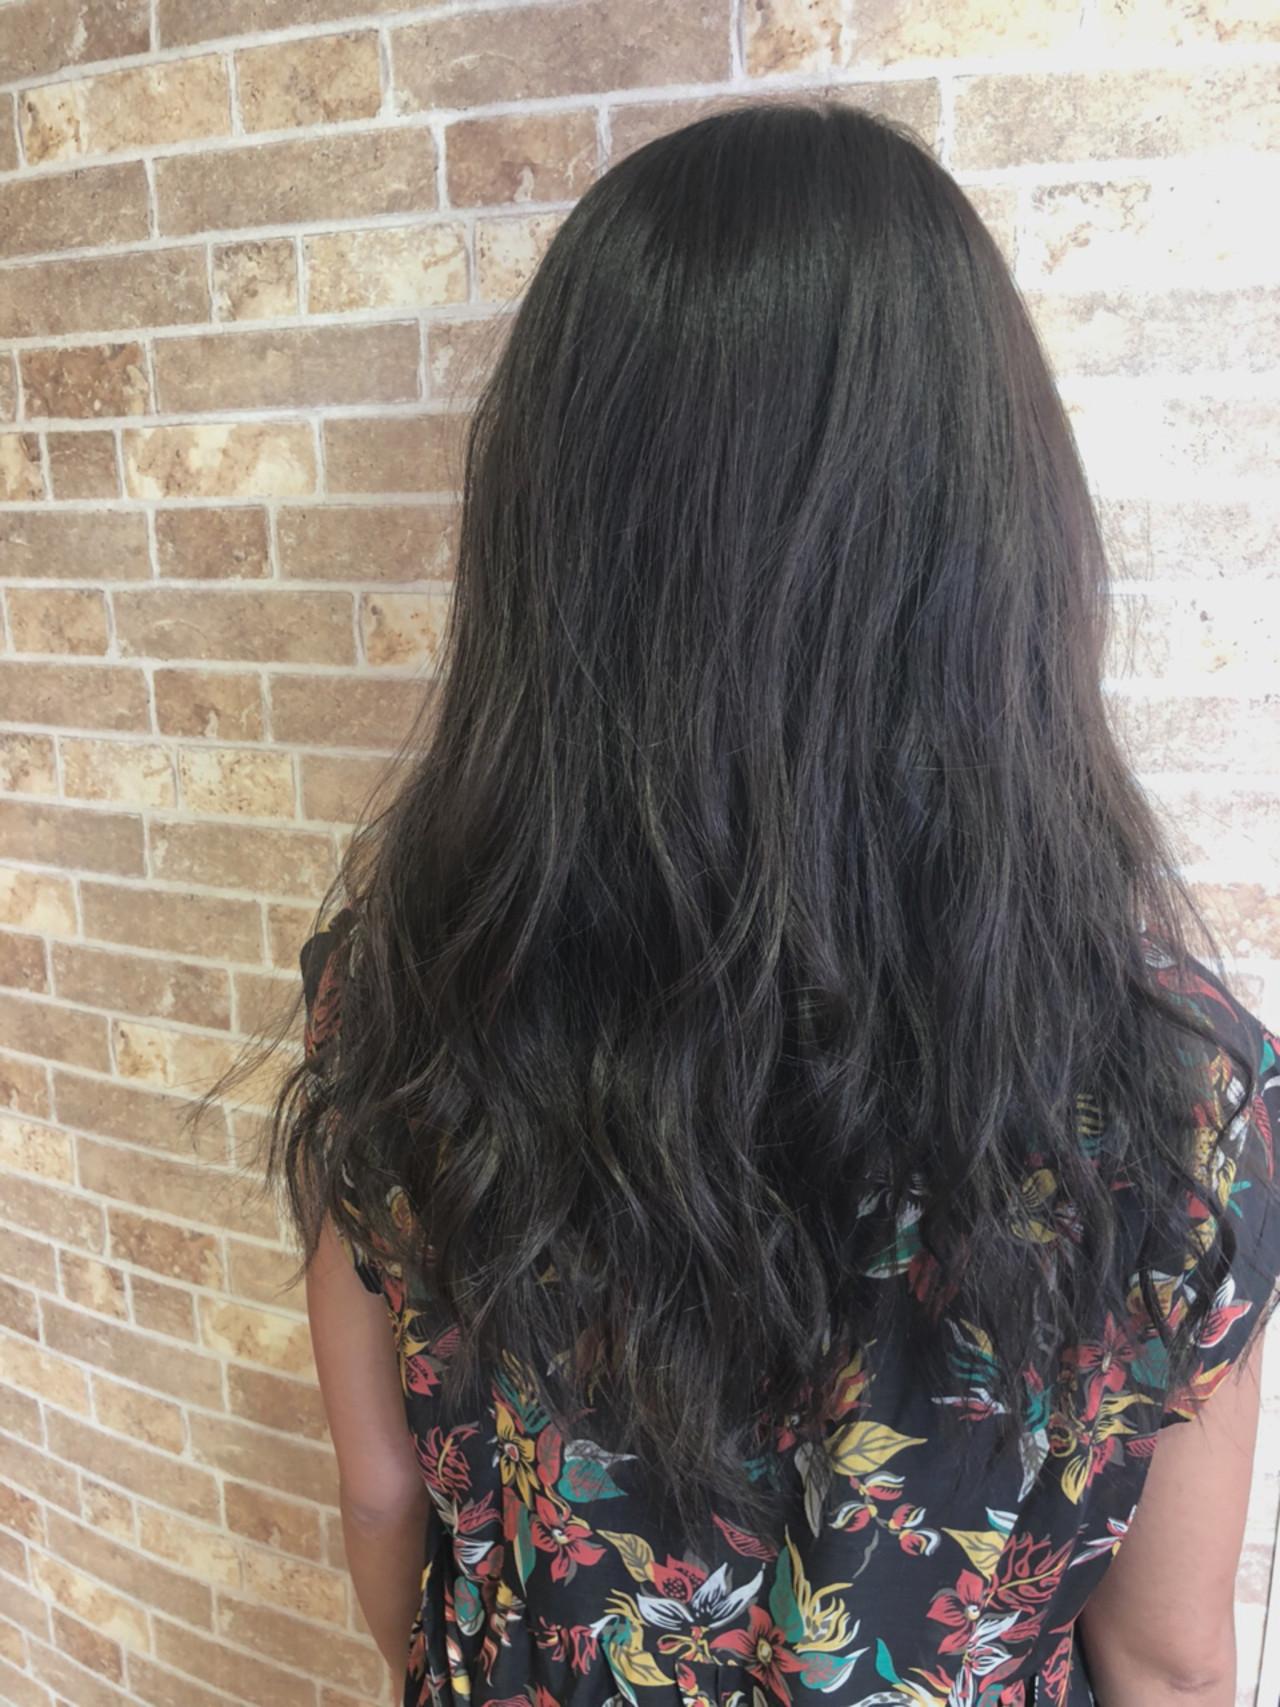 バレイヤージュ 透明感 セミロング マット ヘアスタイルや髪型の写真・画像